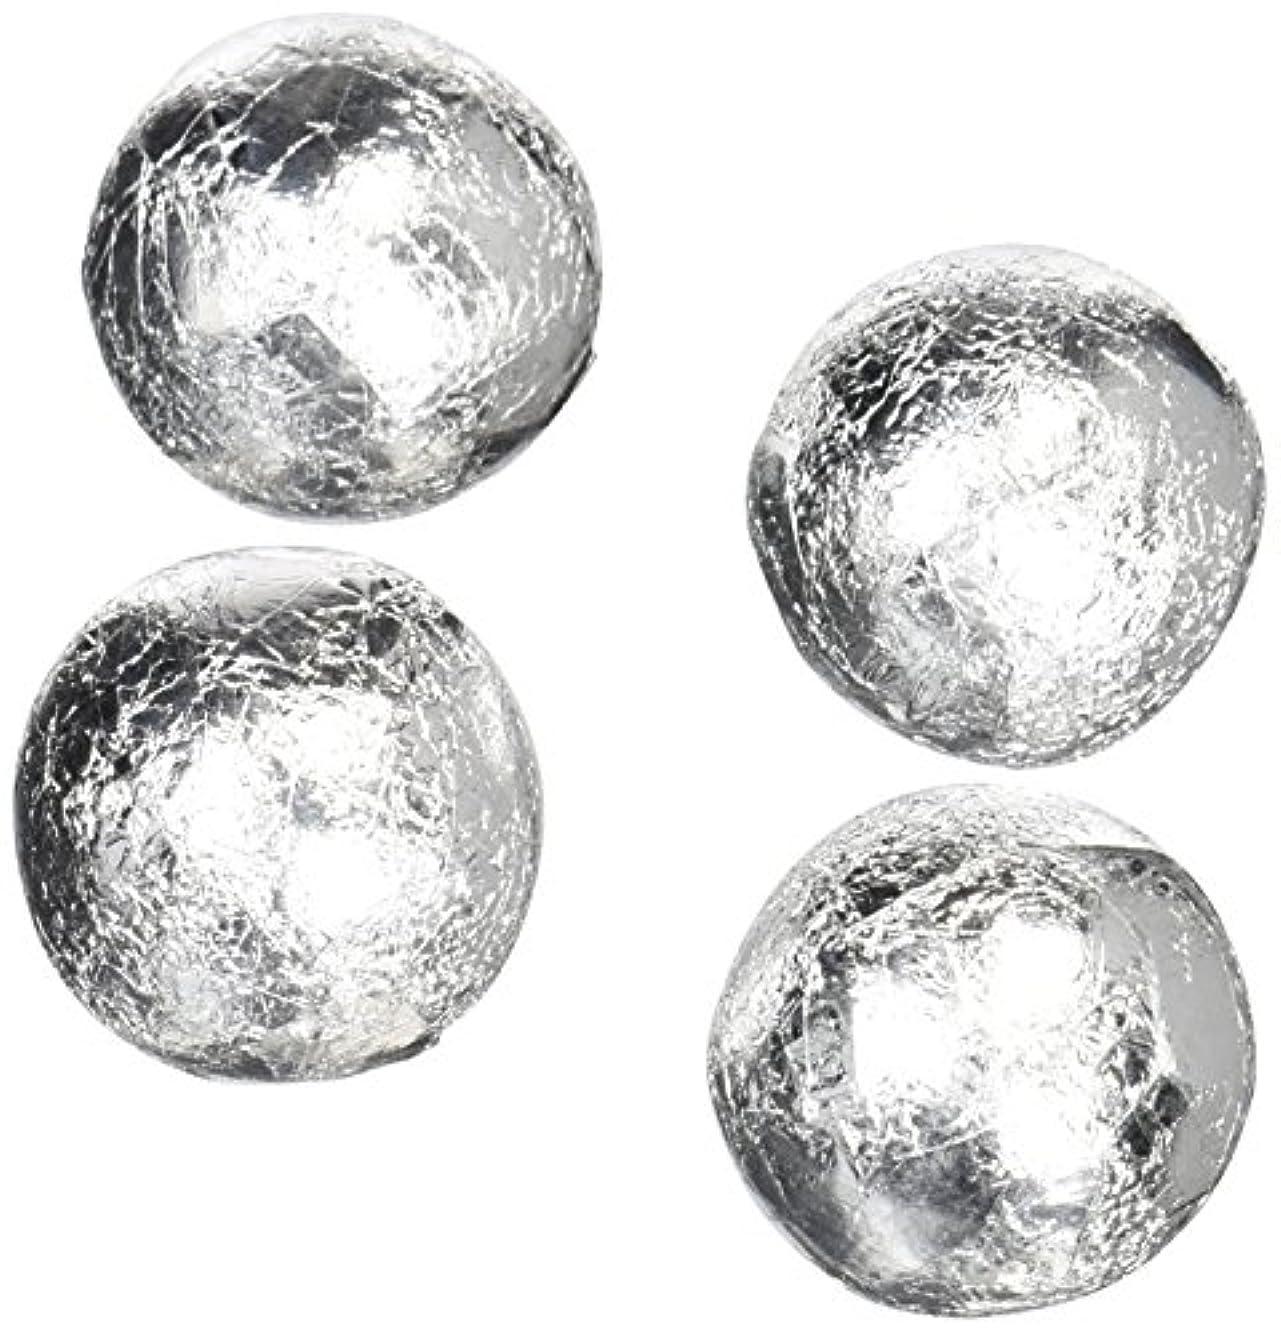 警告する洗剤活力Lyraviviボール レギュラー4個入り